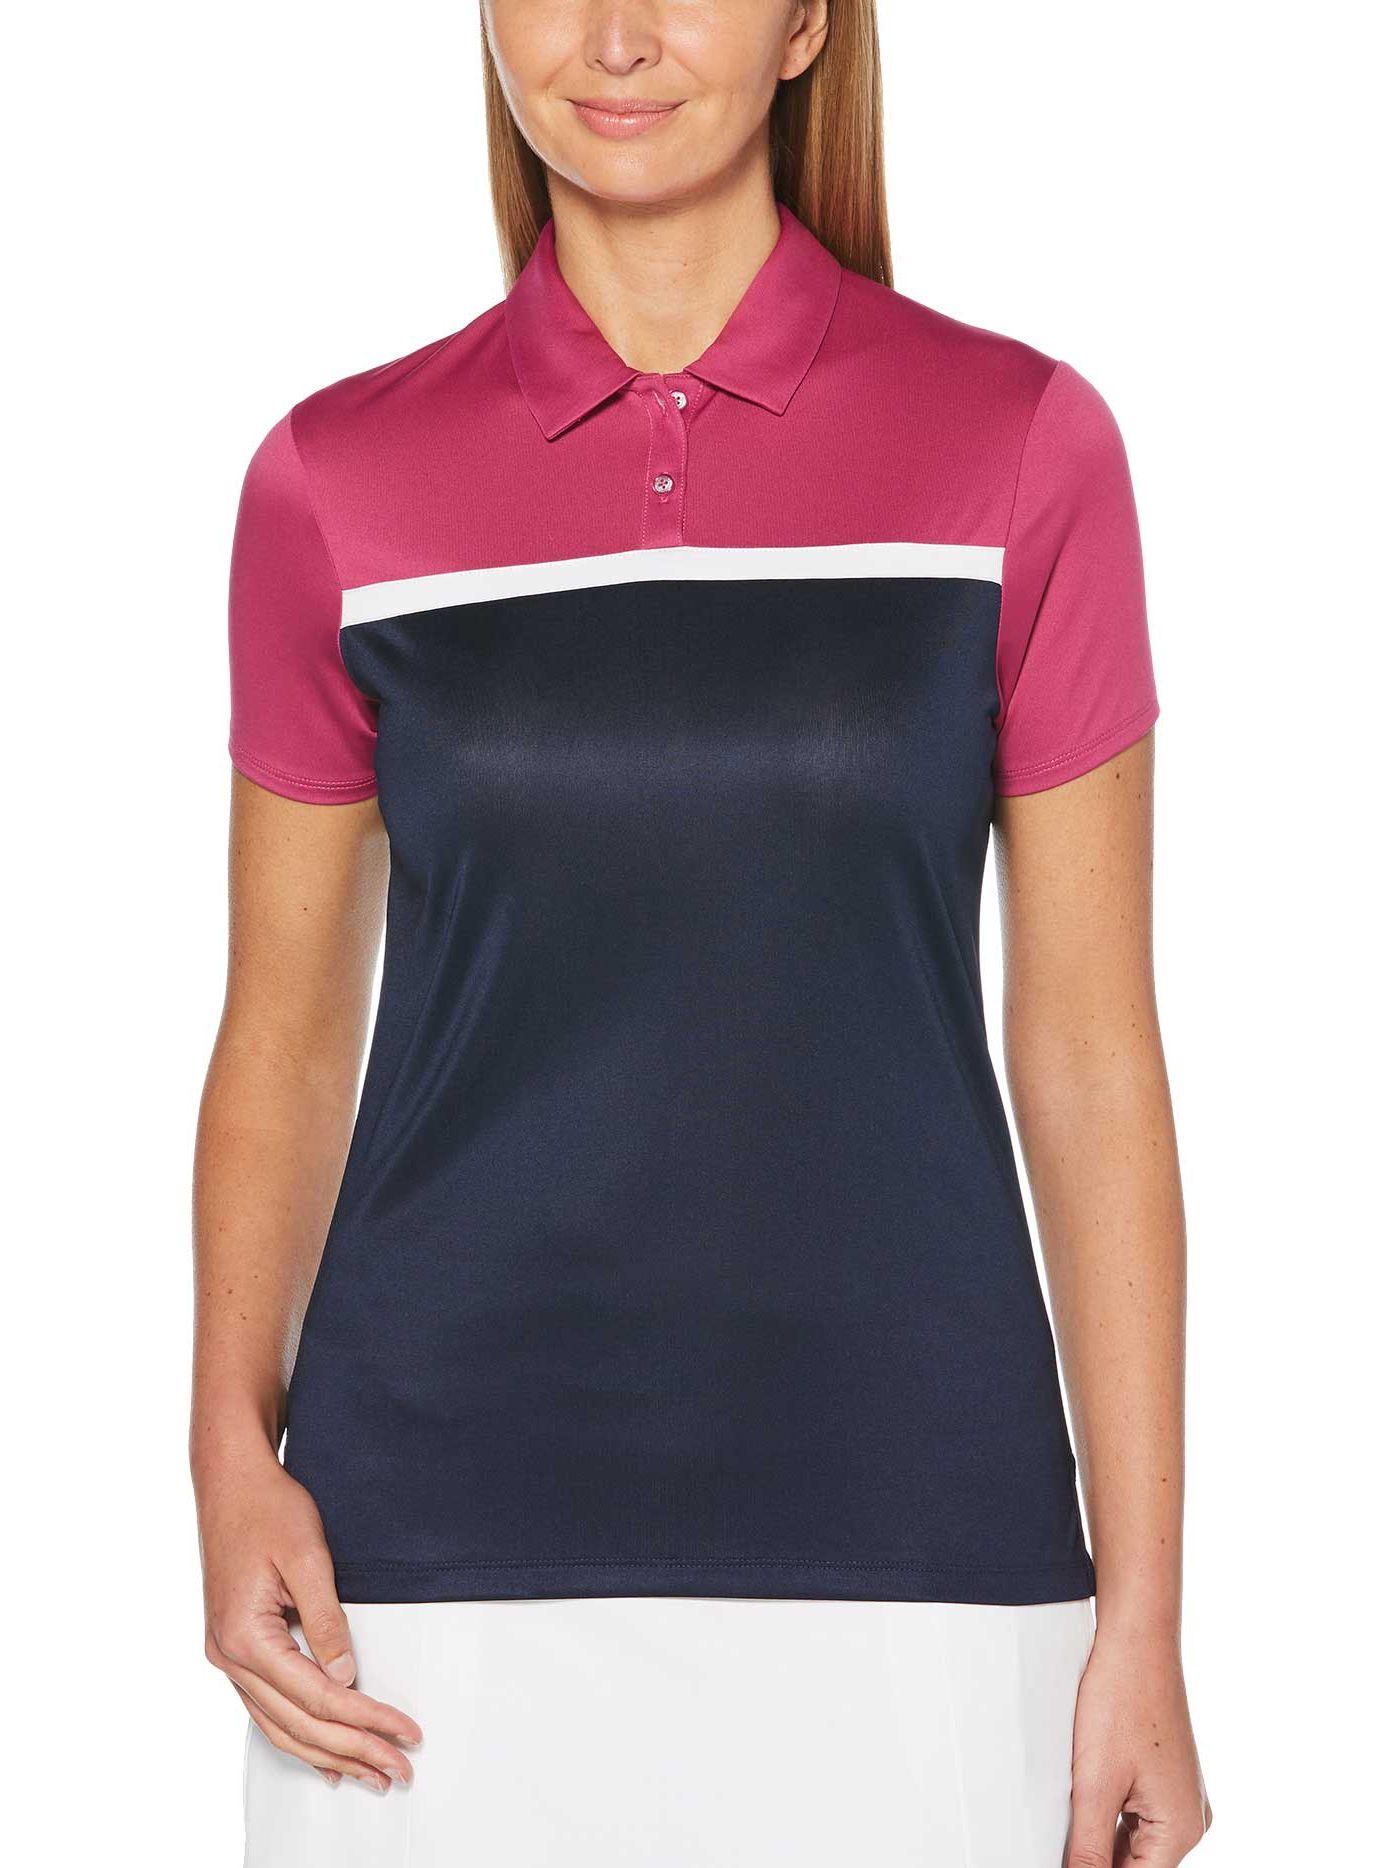 Callaway Women's Color Block Golf Polo